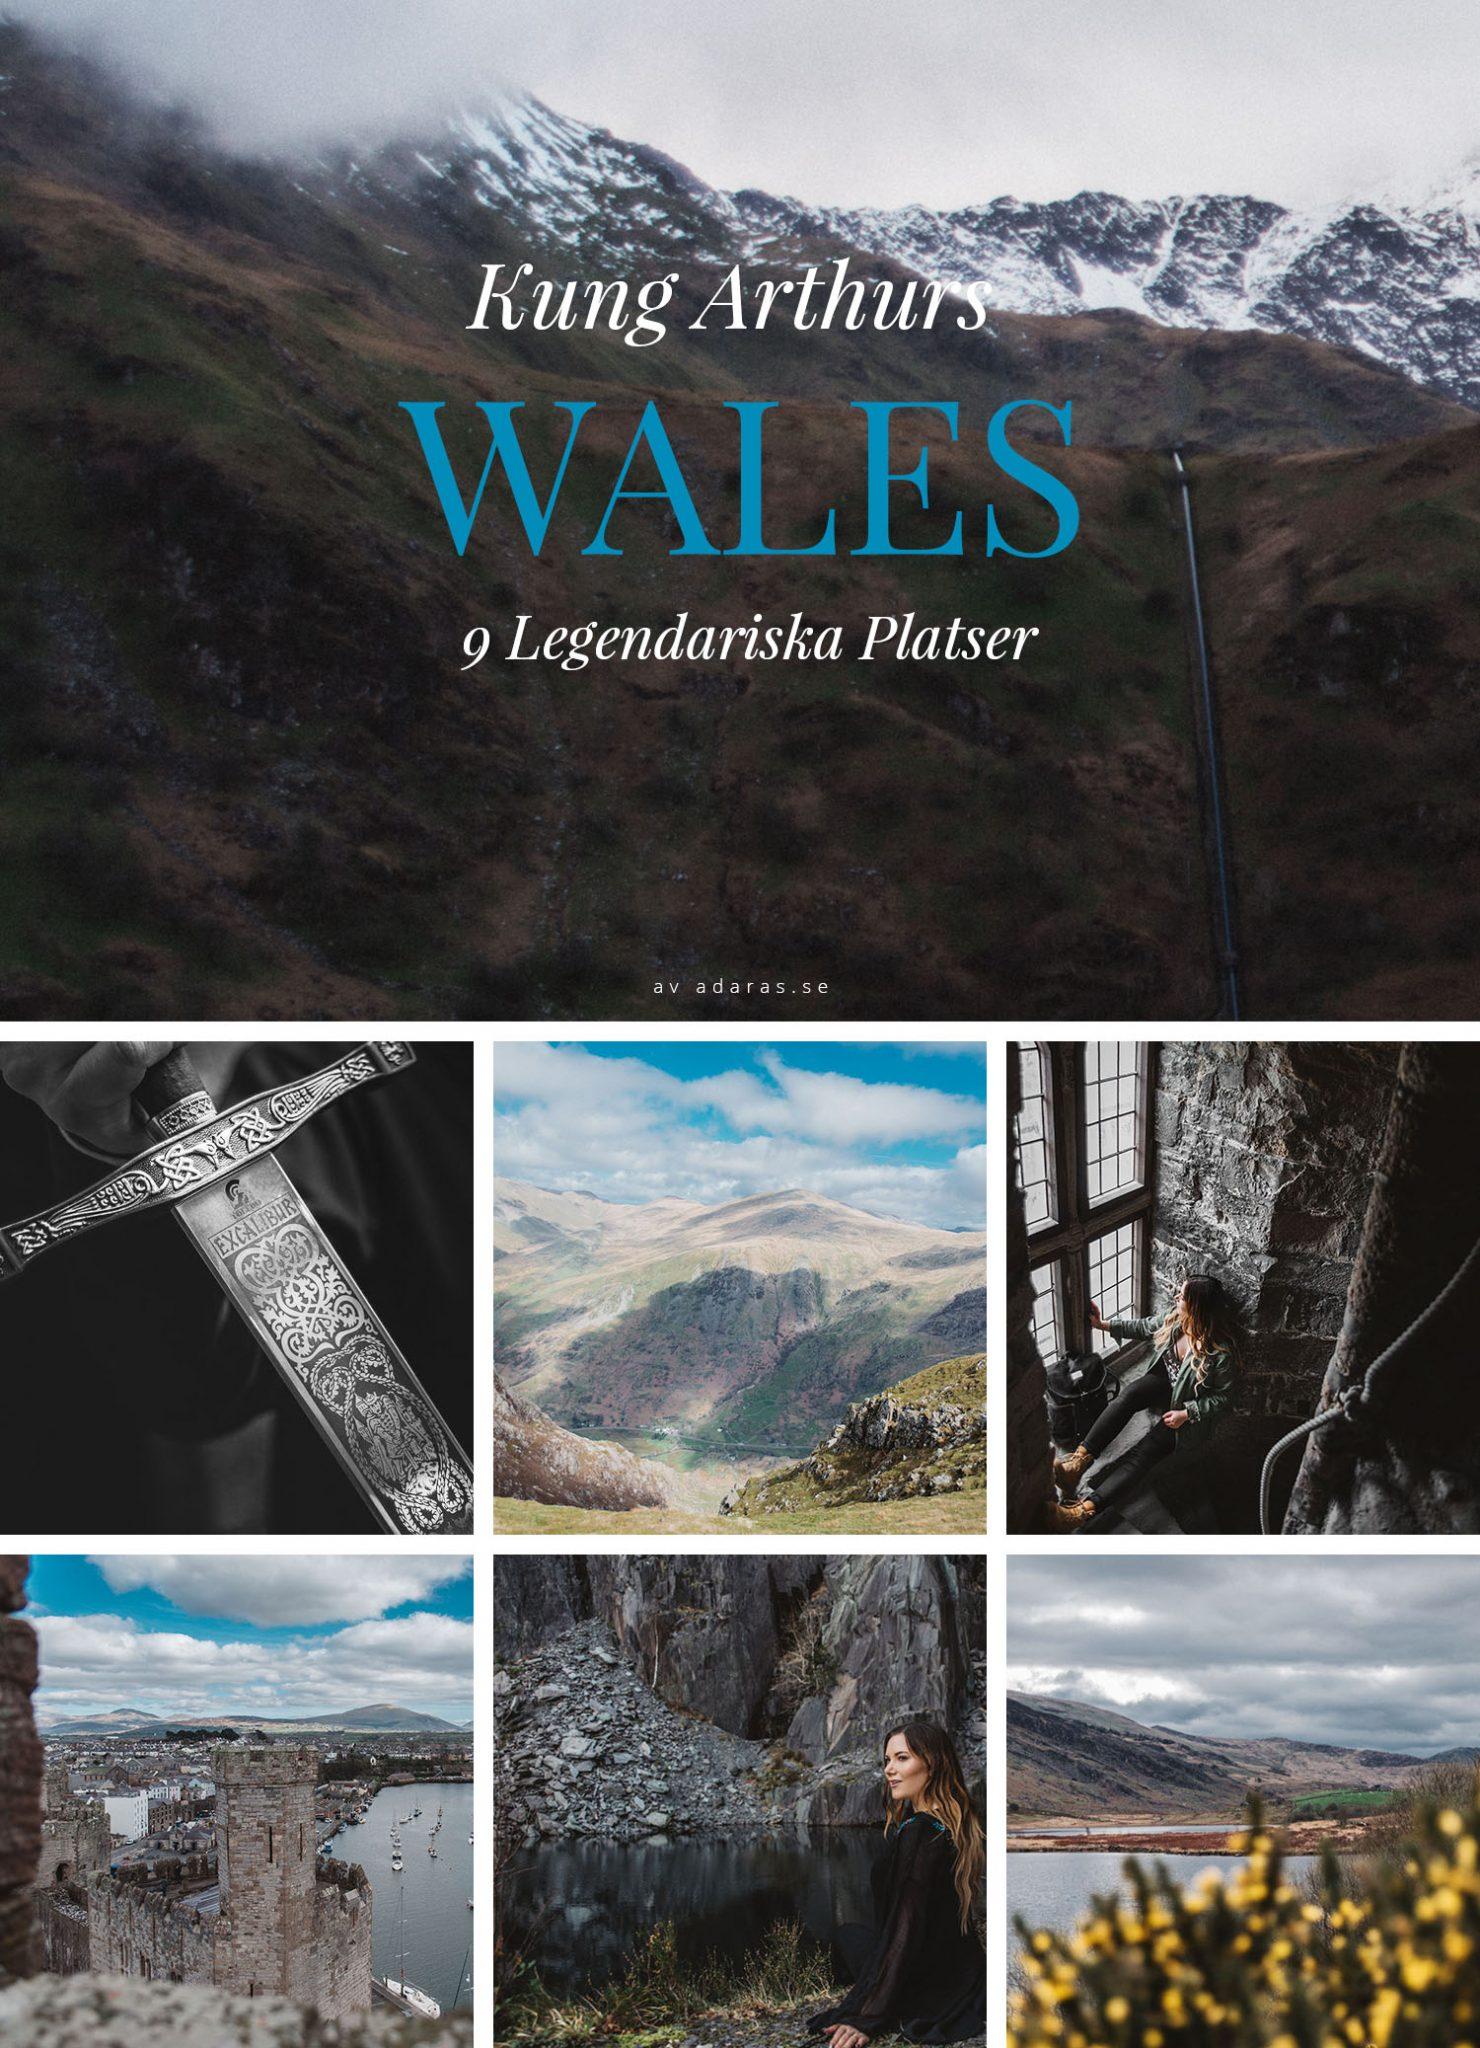 I Kung Arthurs fotsteg: Upptäck 9 Legendariska Platser i Wales